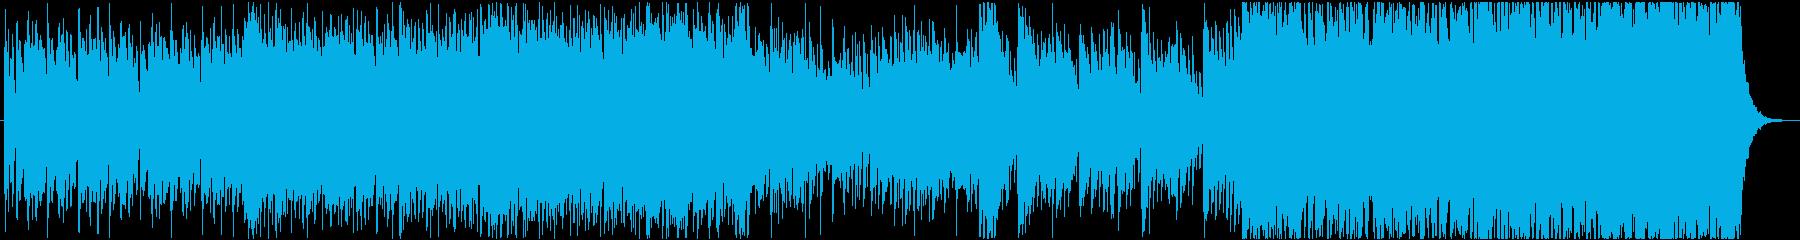 中華楽器メインの激しいBGMの再生済みの波形